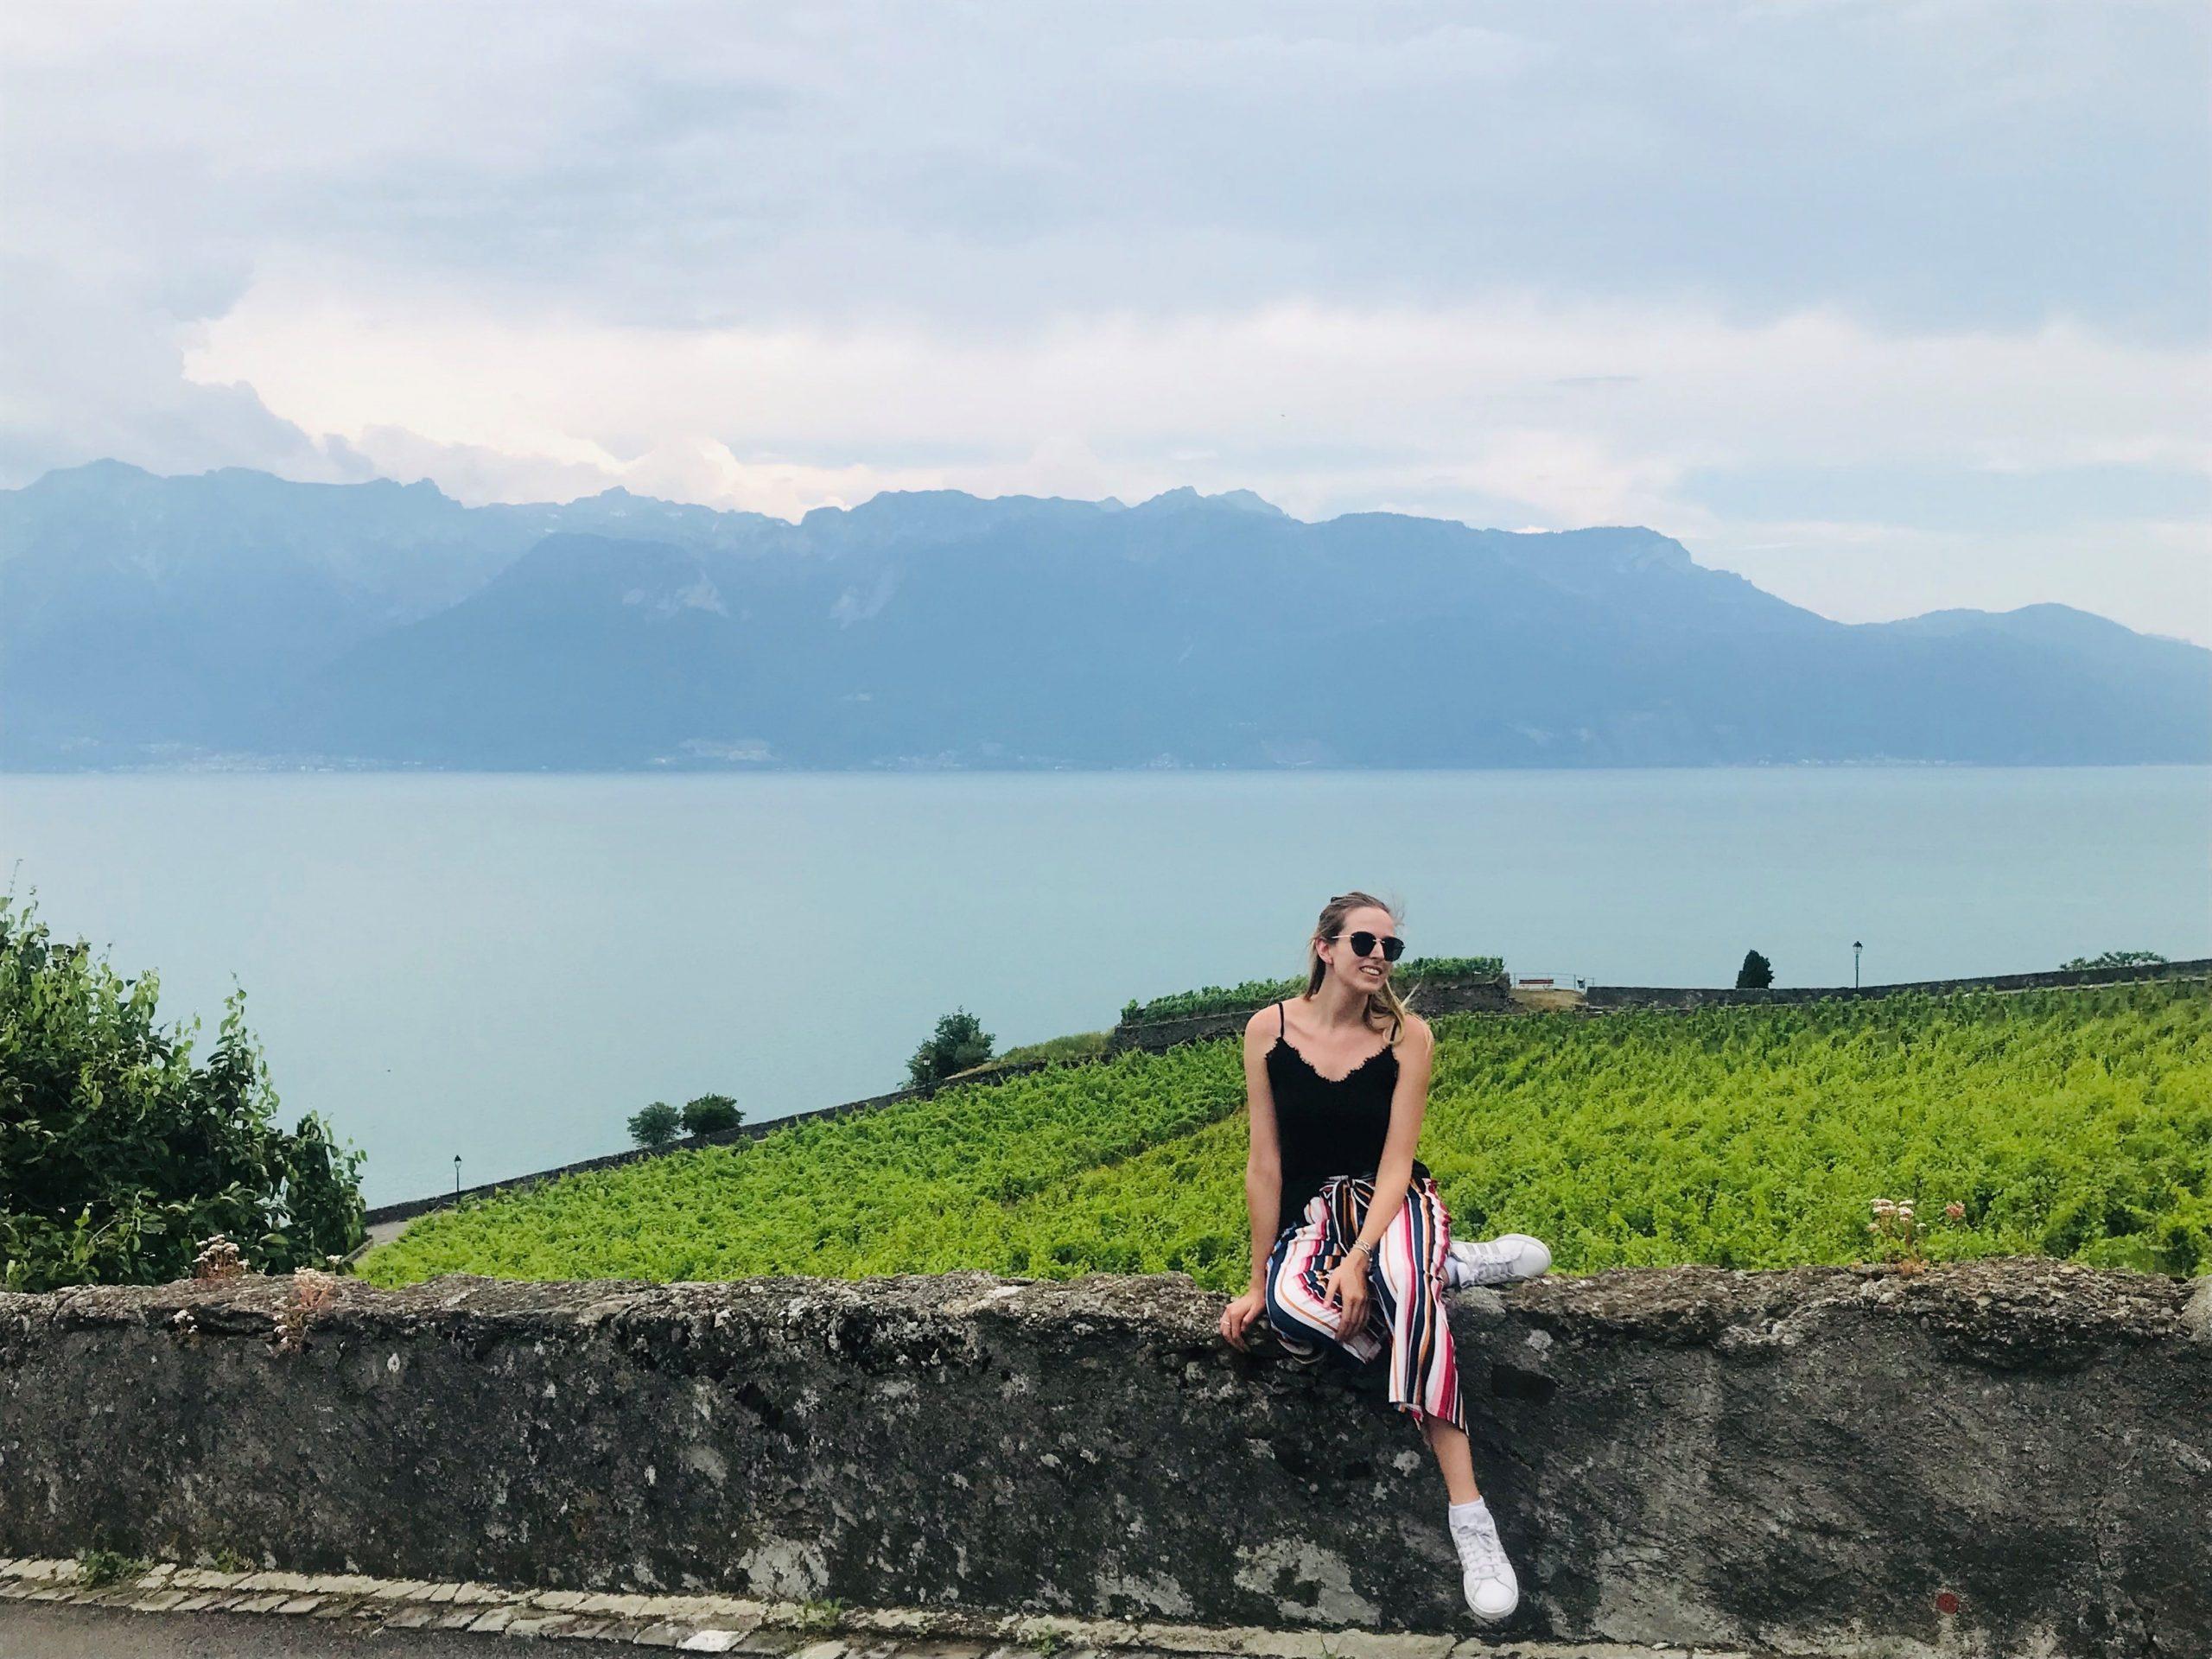 Poletna šola med švicarskimi vinogradi